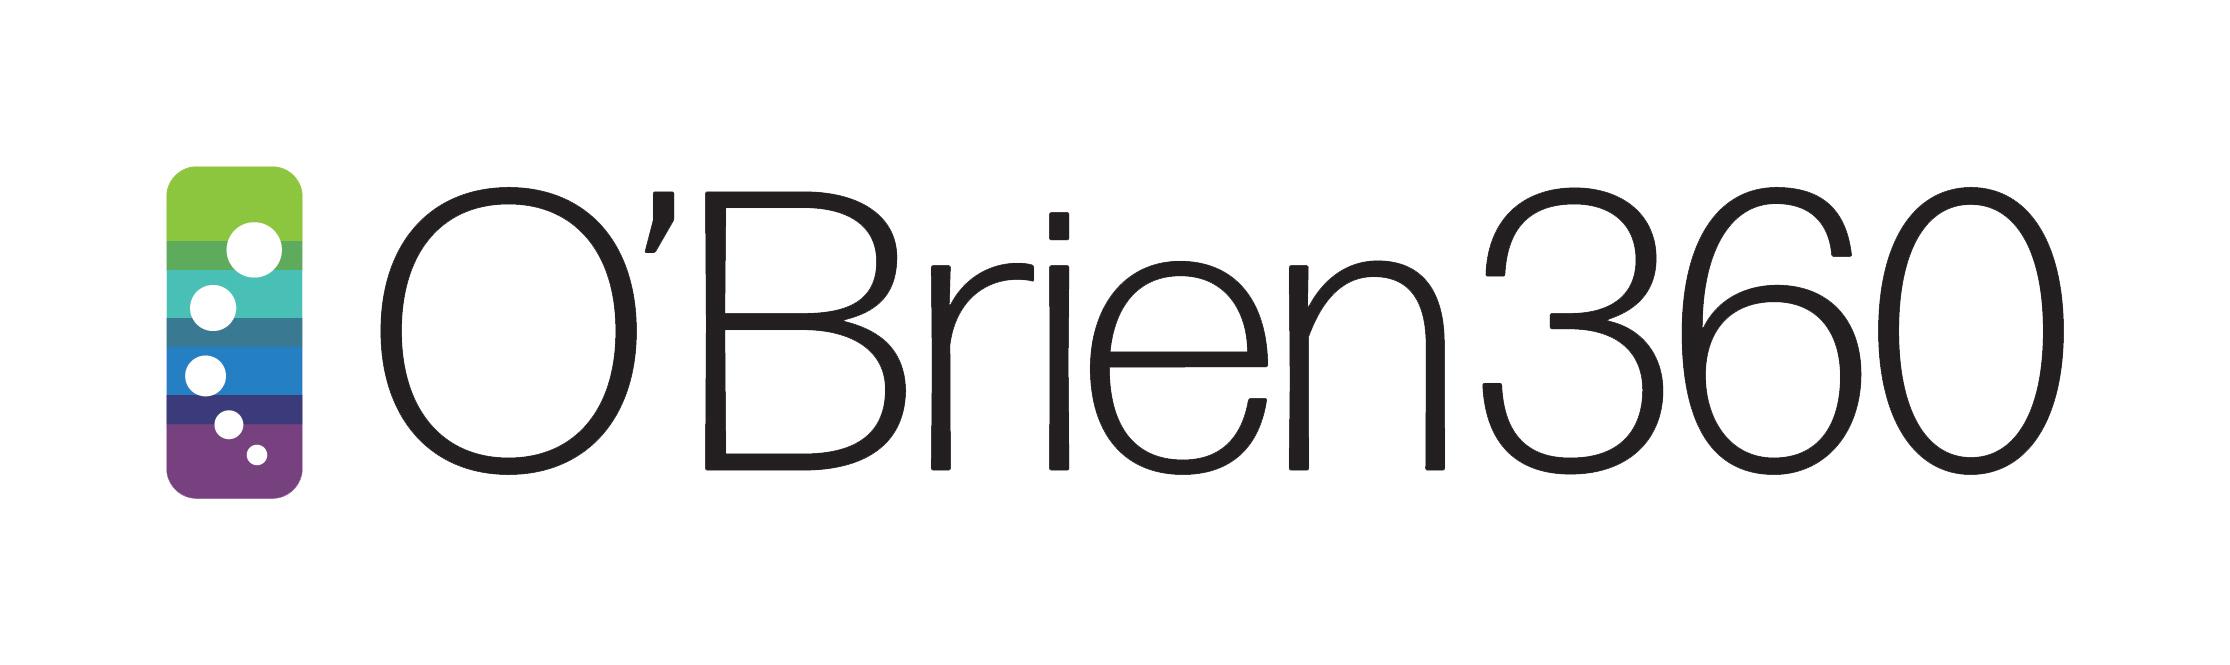 O'Brien360 logo